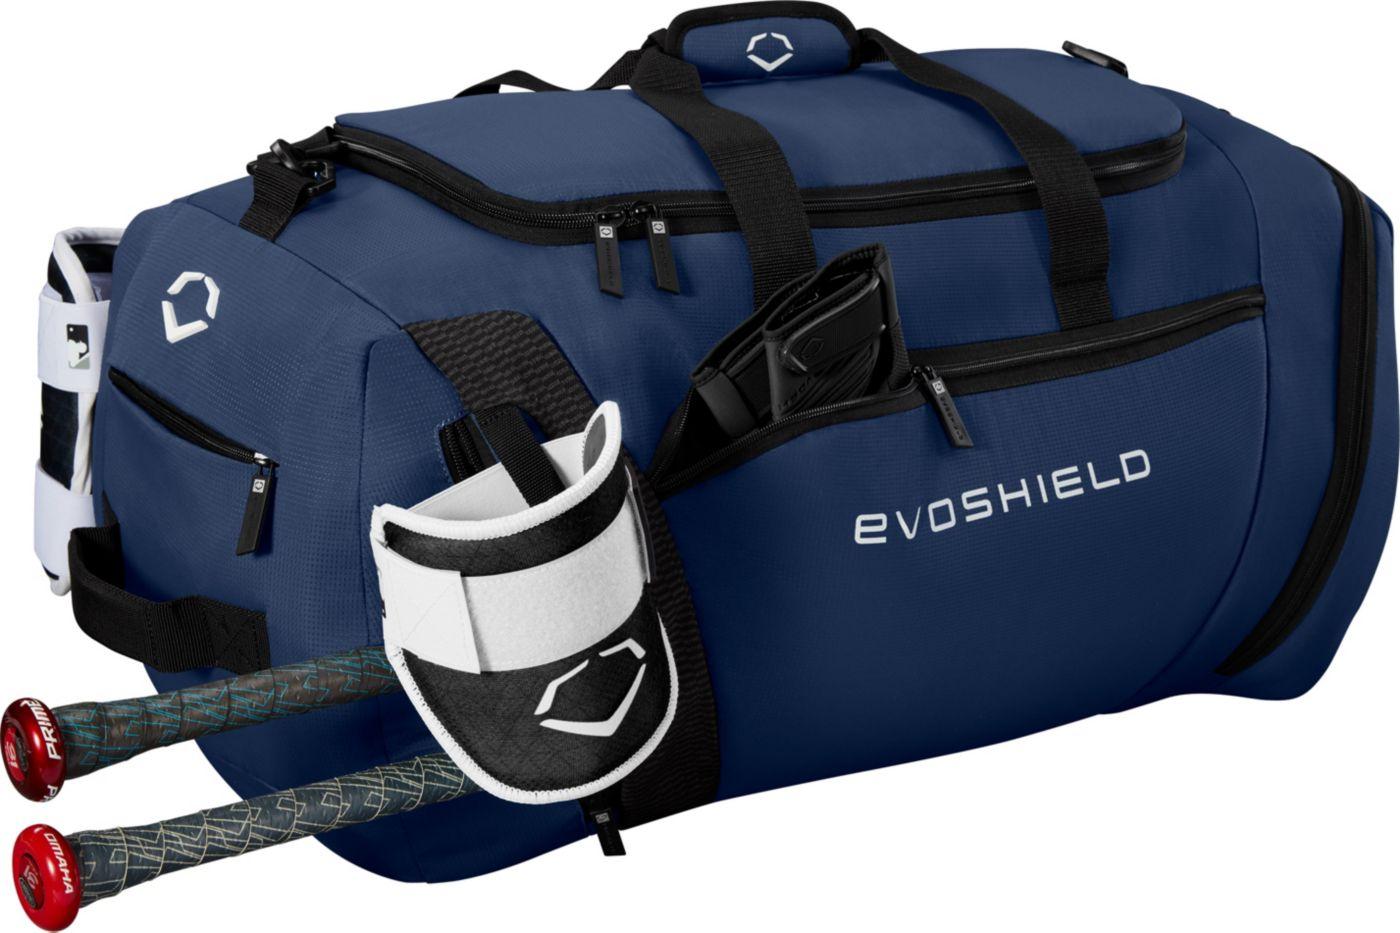 EvoShield Player's Baseball Duffle Bag